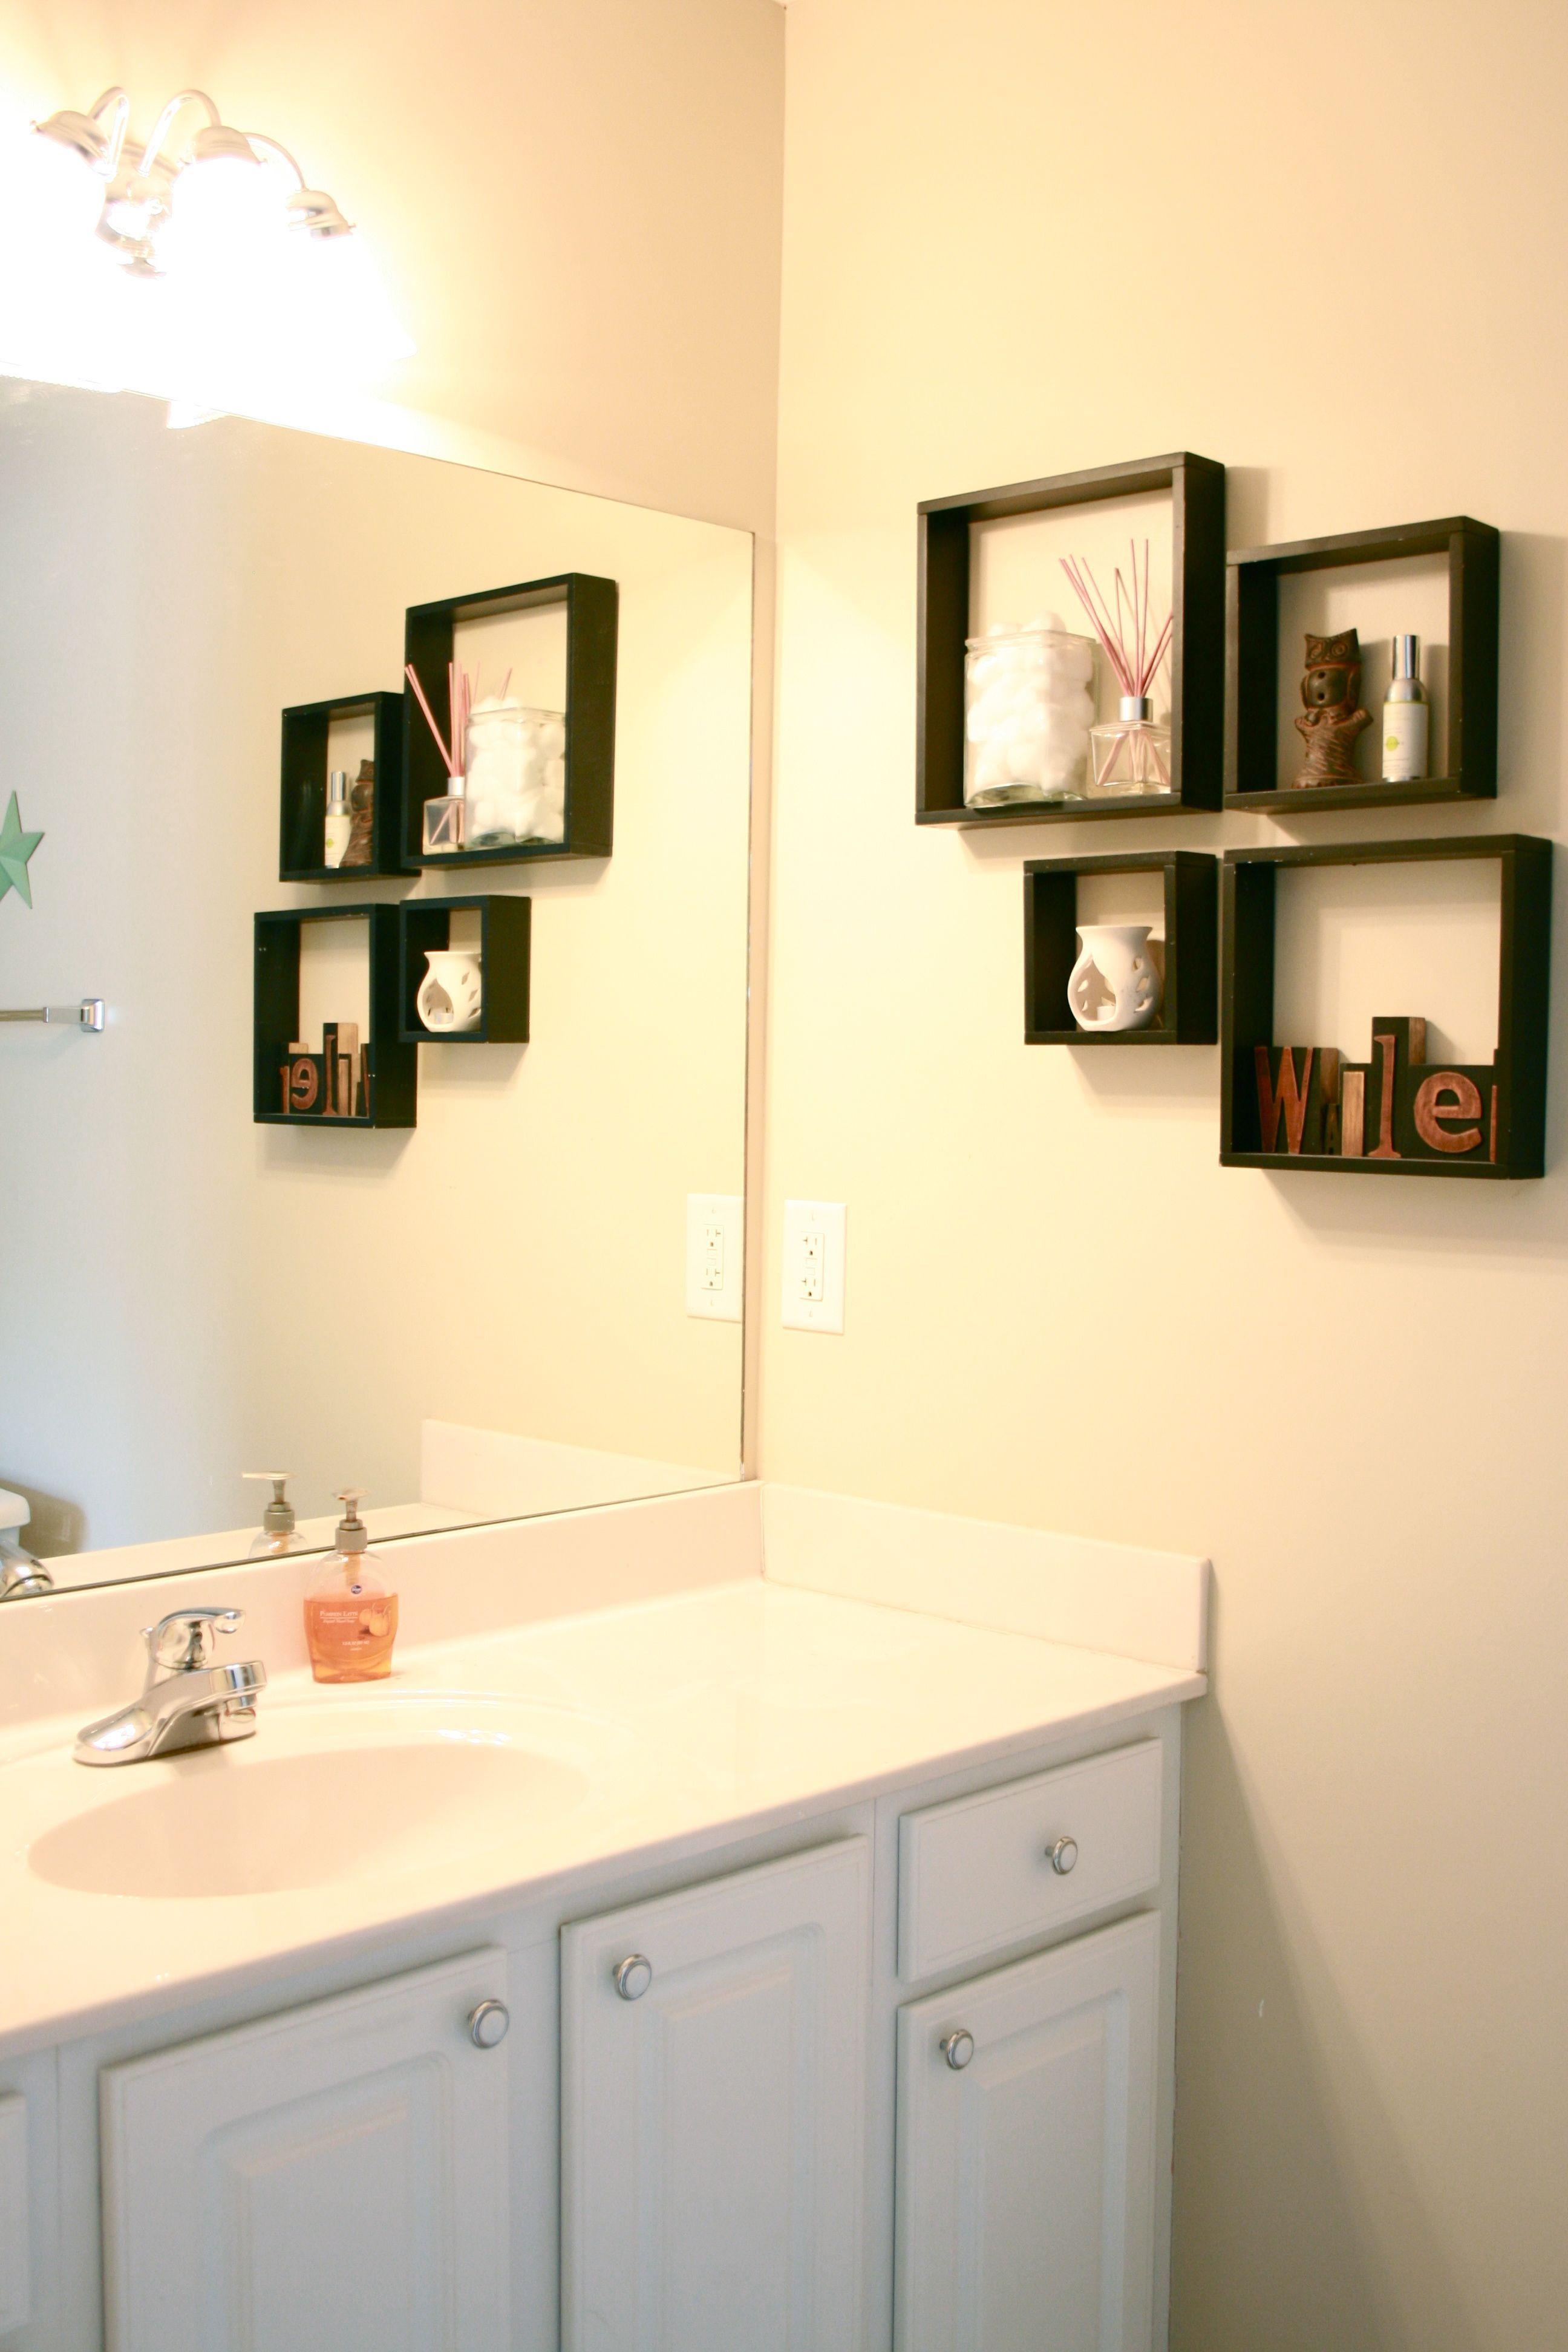 cube shelf restroom decoration ideas google search on bathroom wall decor id=24421